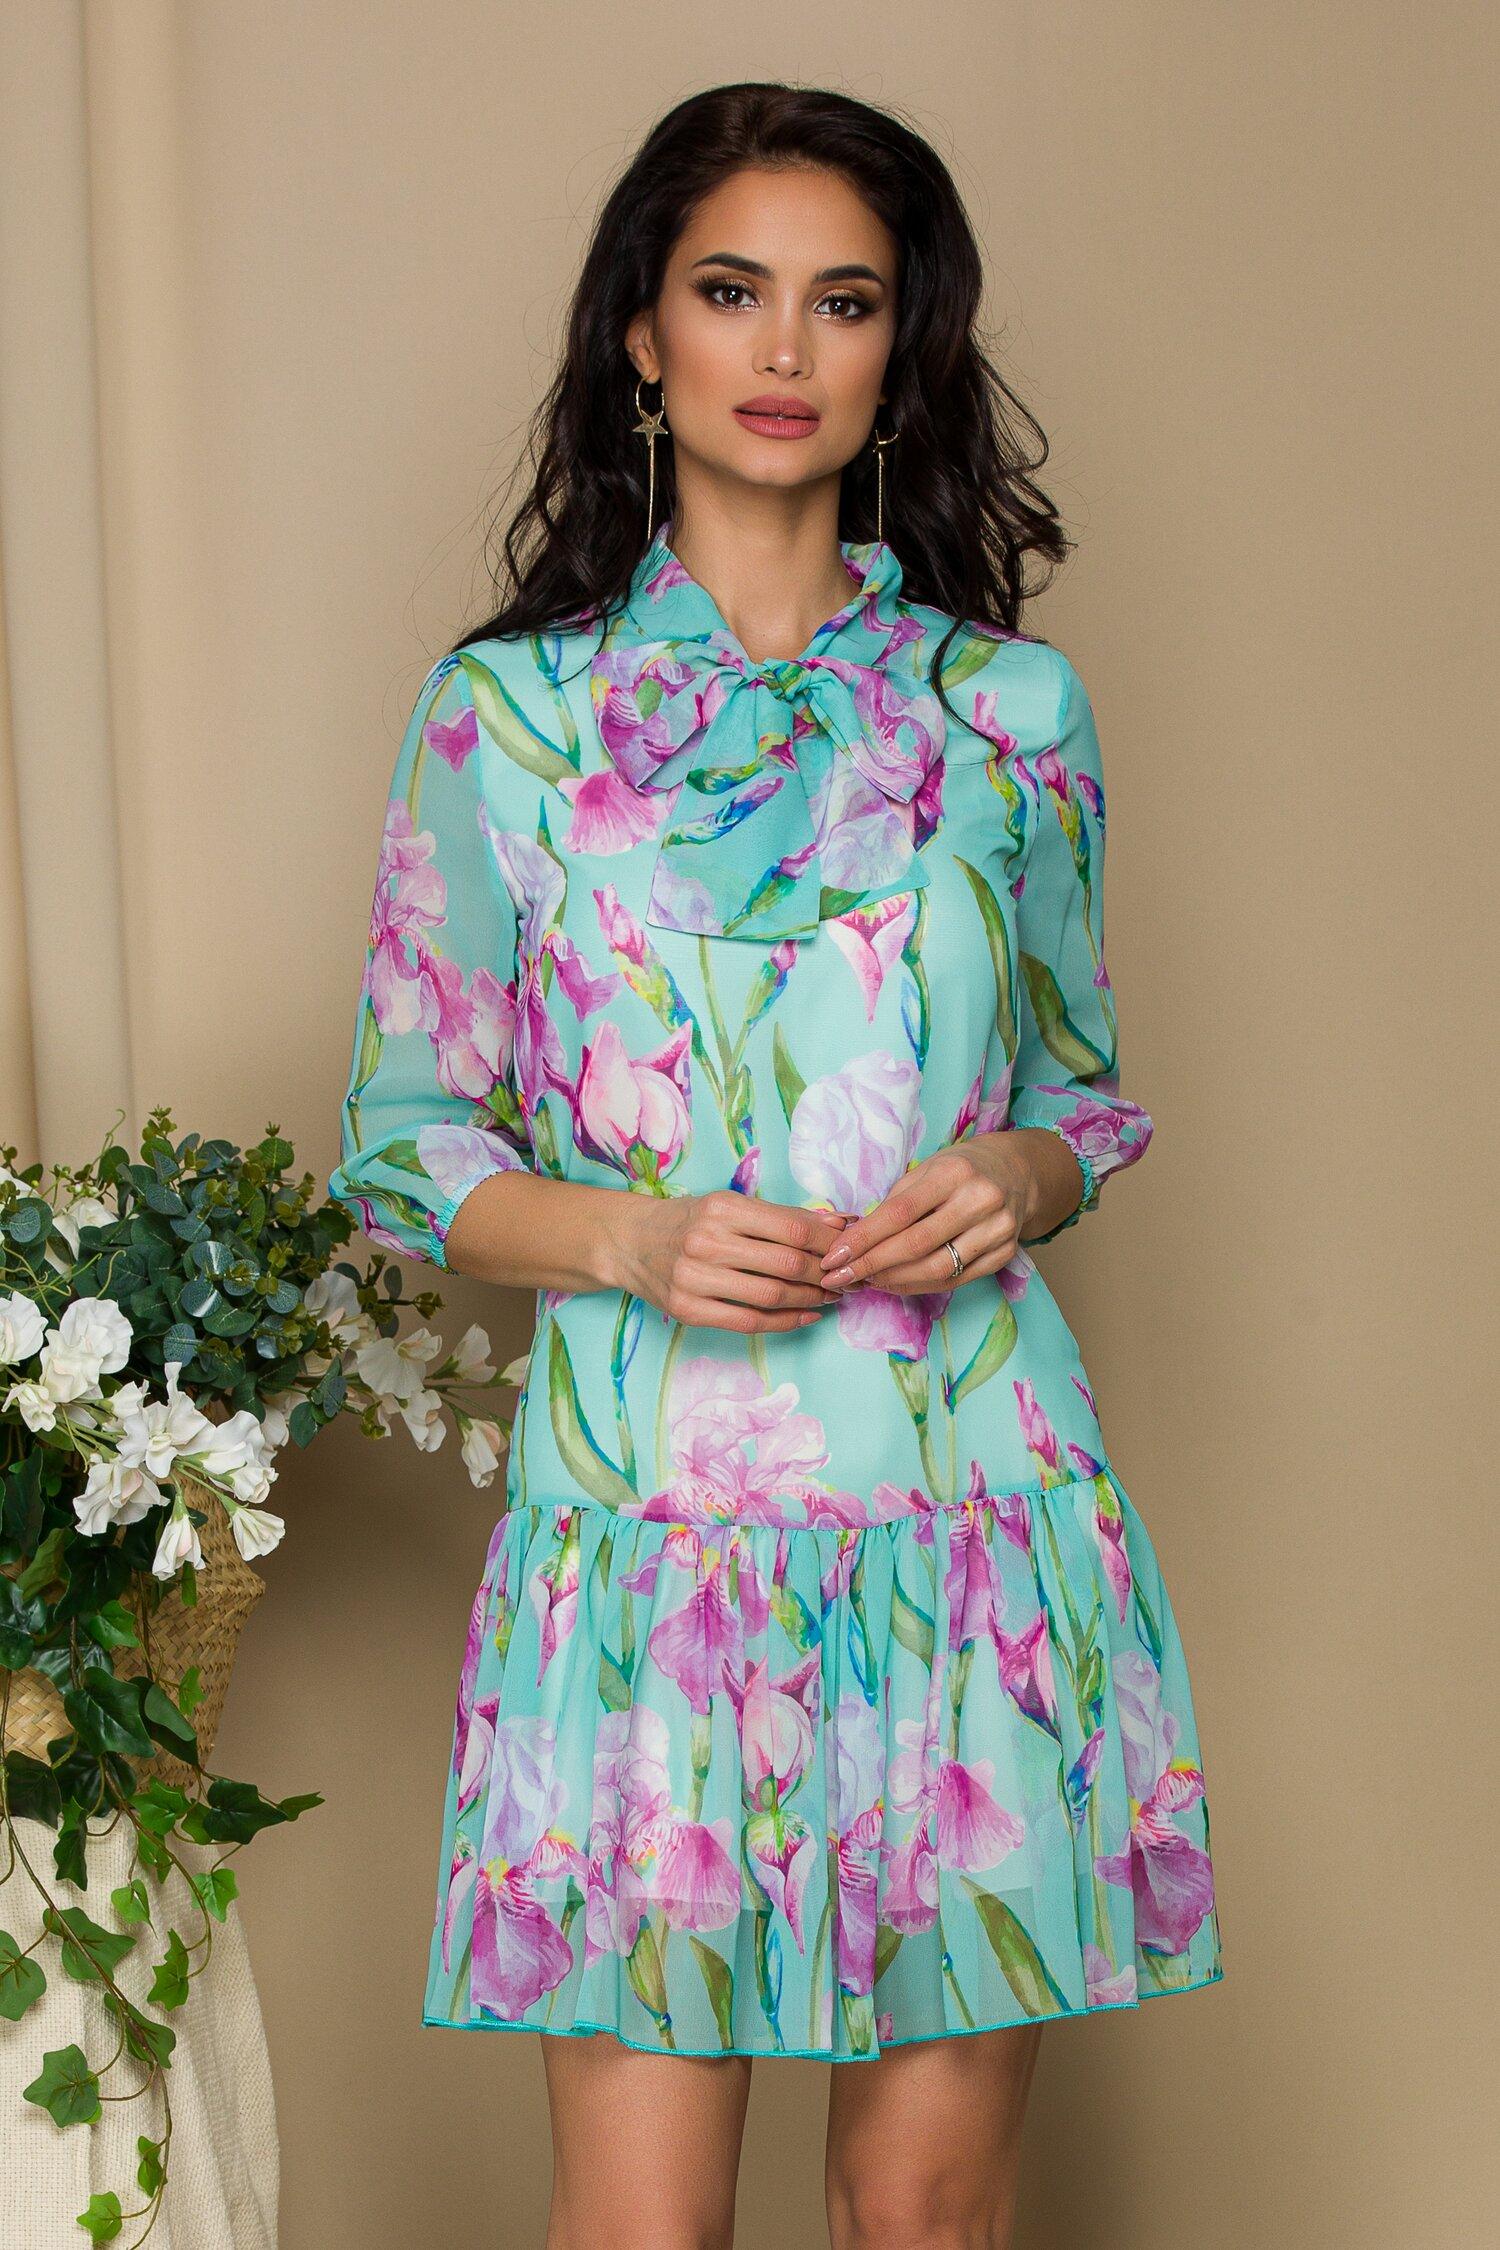 rochie pretty girl turcoaz din voal cu print floral si guler tip esarfa 641955 4